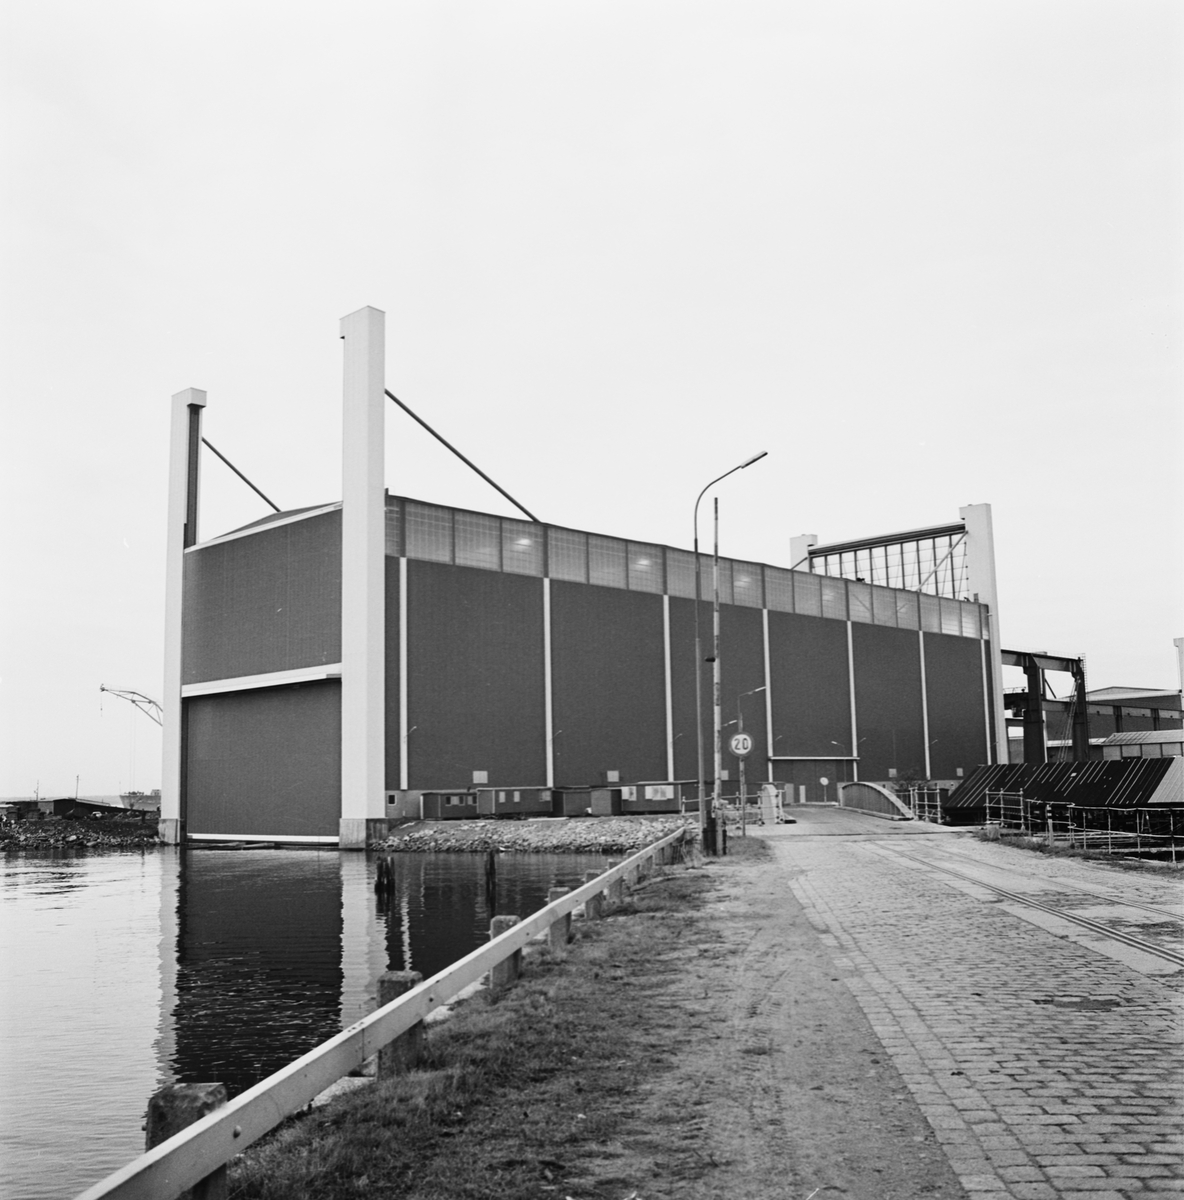 Övrigt: Foto datum:24/10 1972 Byggnader och kranar Exteriör av nya plåt och montagehallen. Närmast identisk bild: V50458, ej skannad